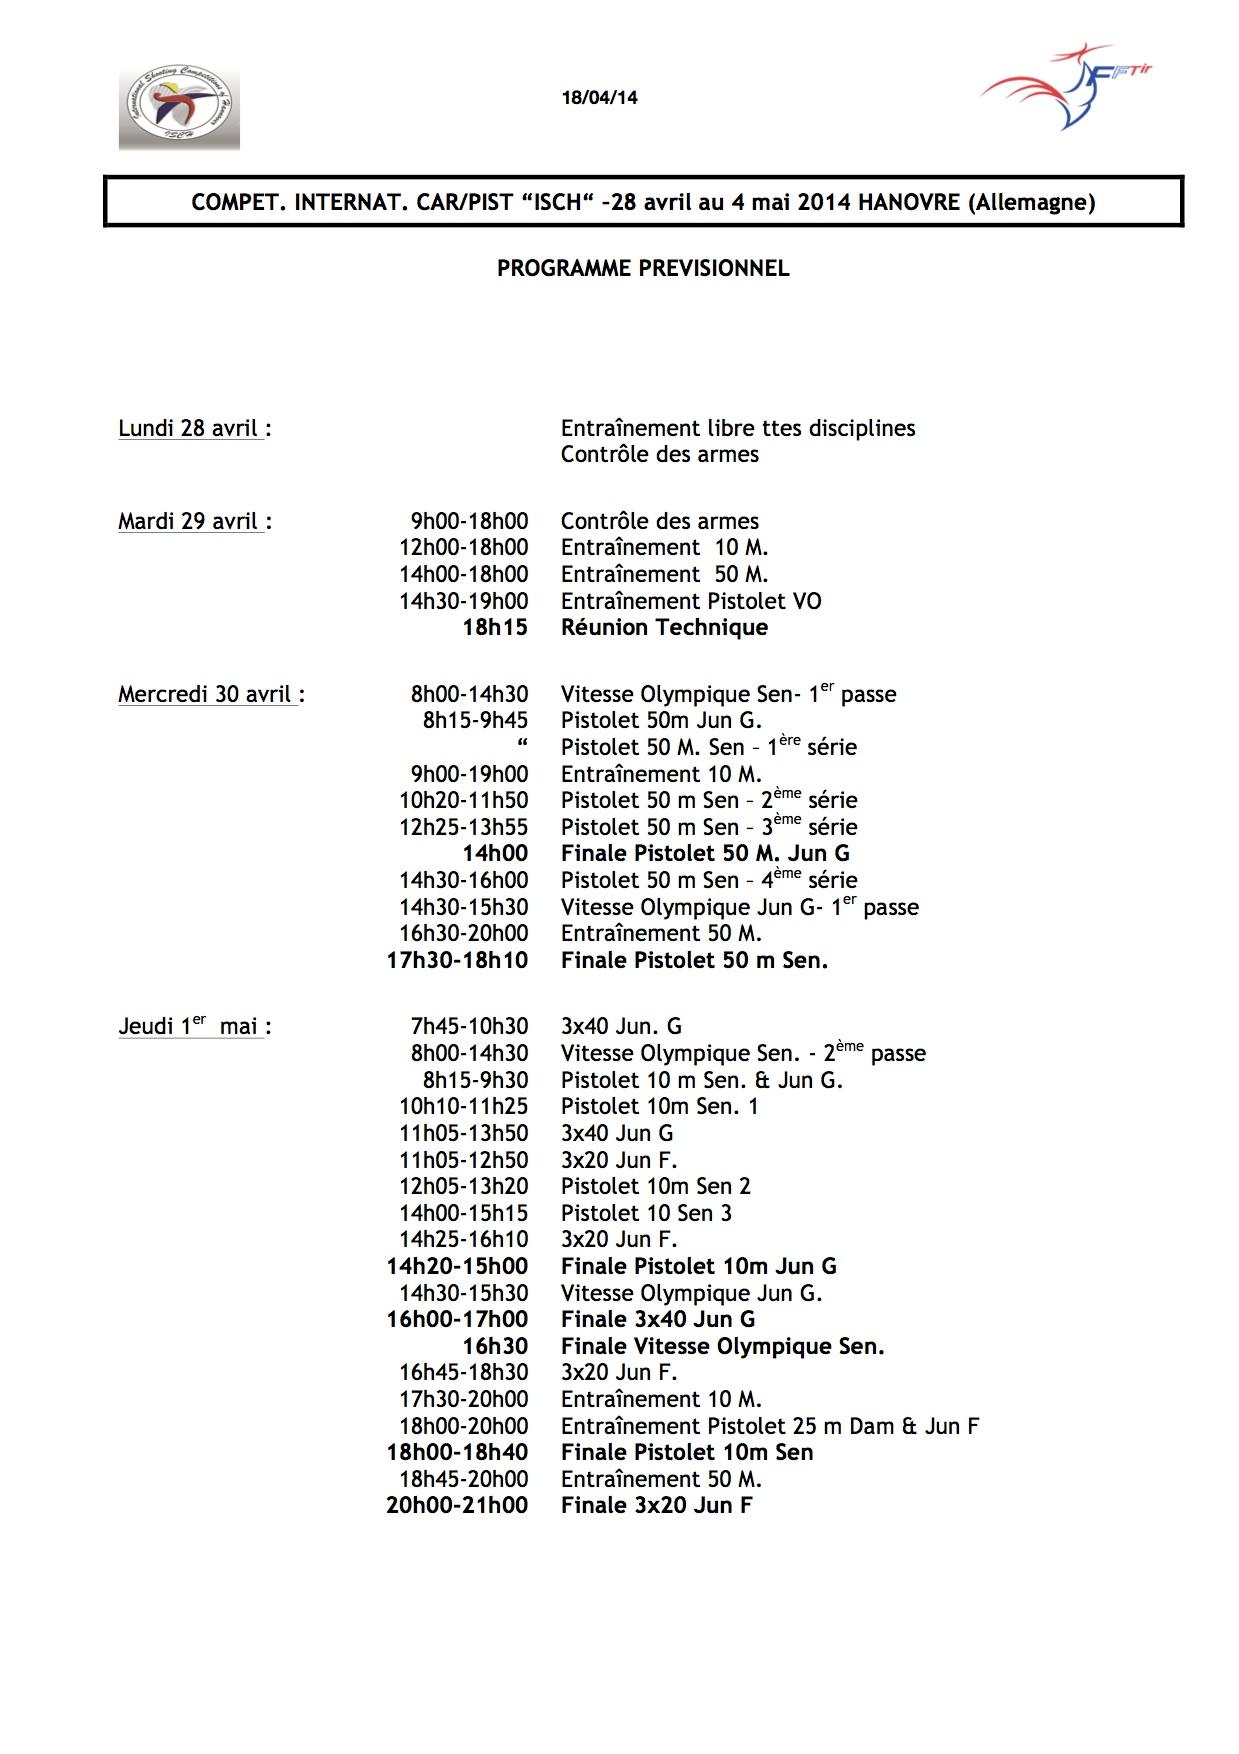 Programme Heures1.jpg